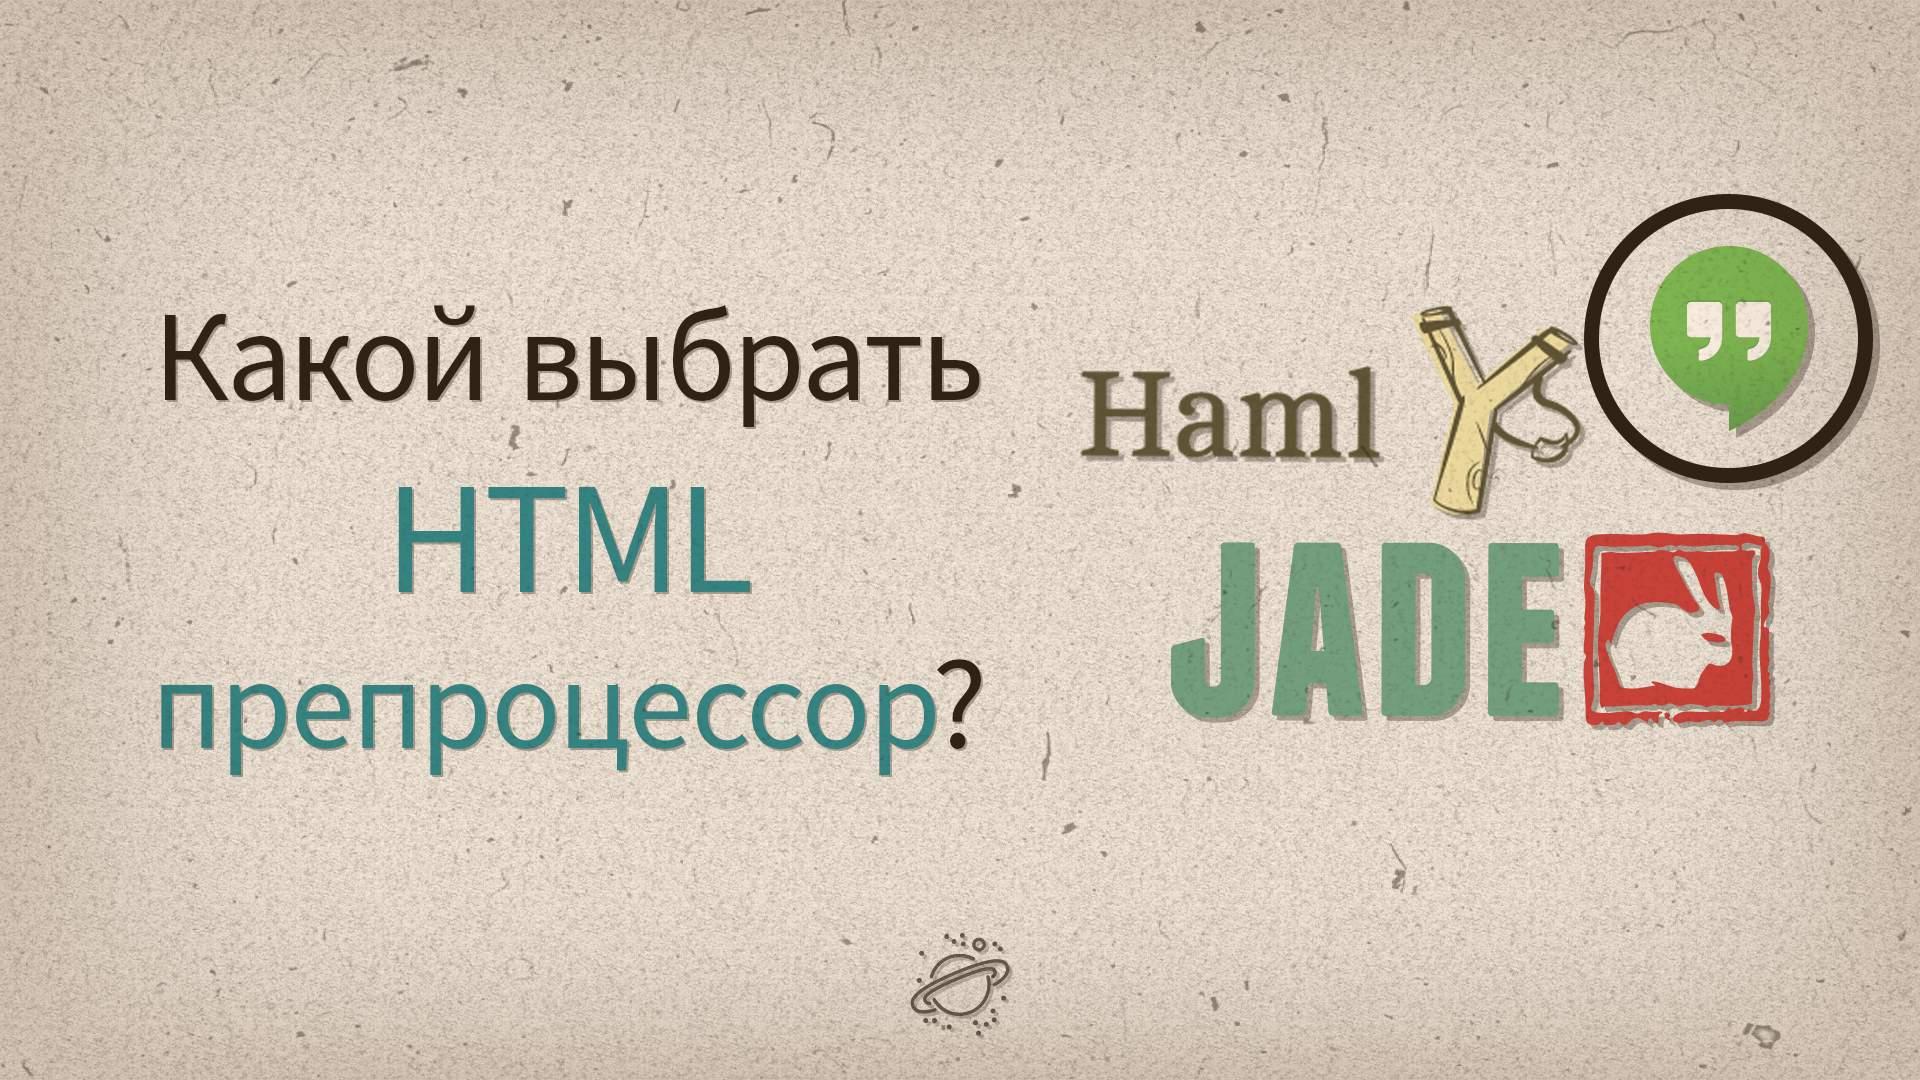 Какой HTML препроцессор выбрать?